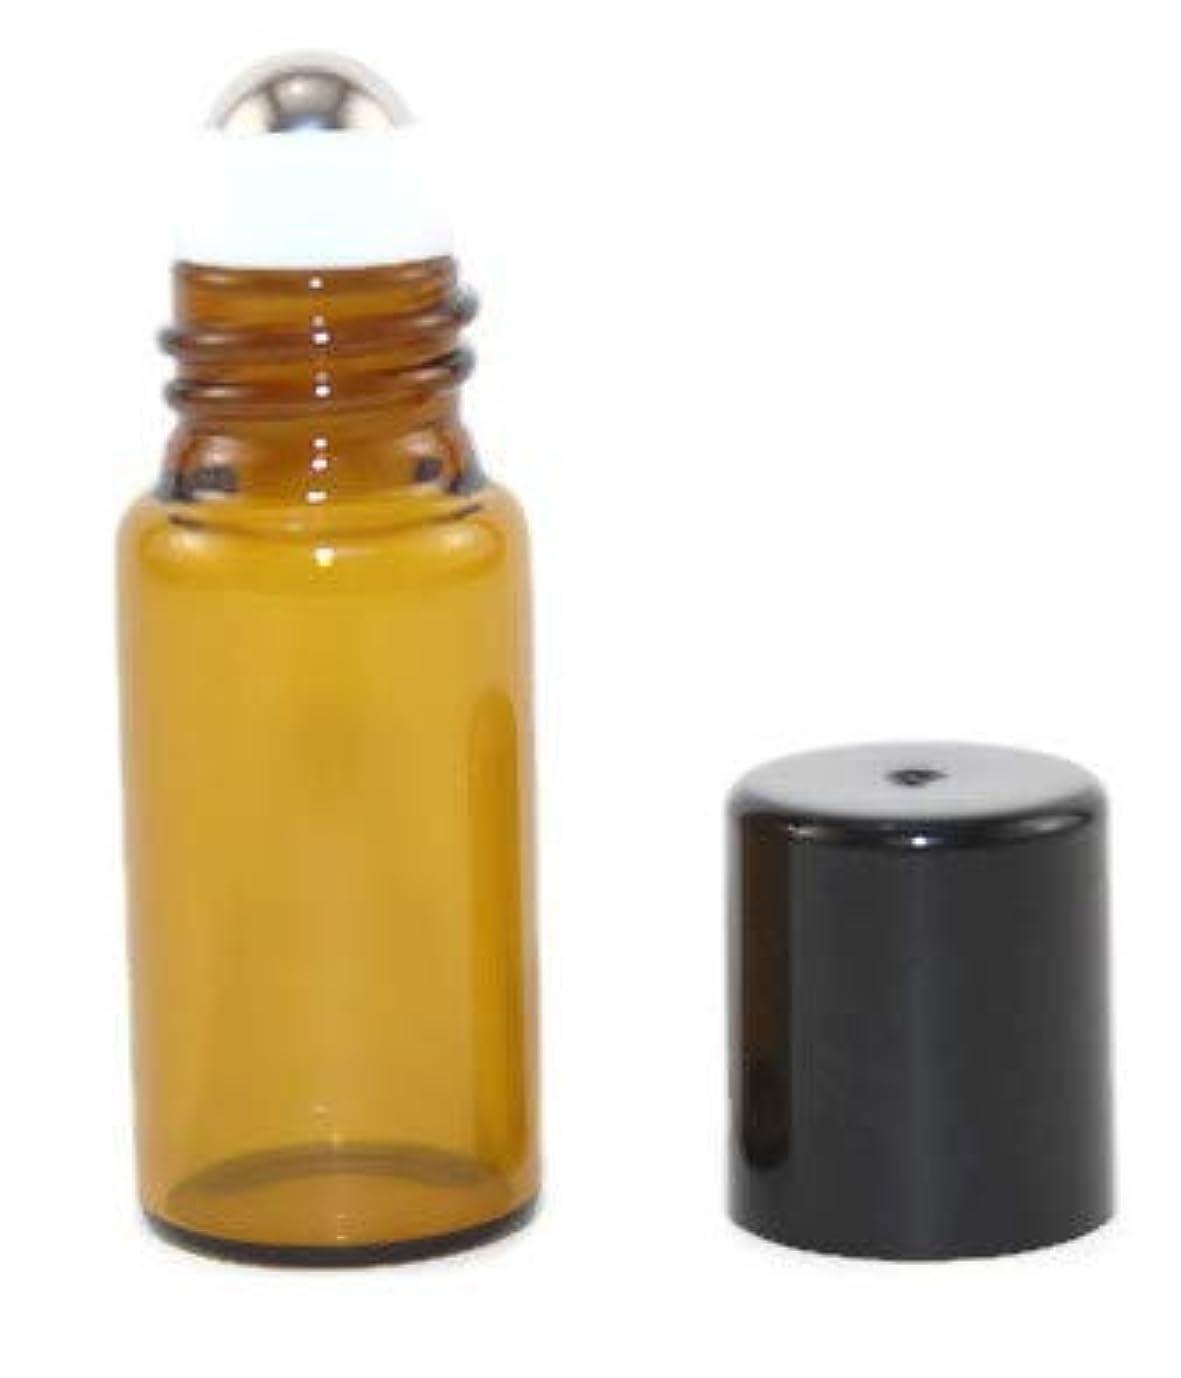 生きている責任者ユニークなUSA 144 Amber Glass 3 ml Mini Roll-On Glass Bottles with Stainless Steel Roller Balls - Refillable Aromatherapy...